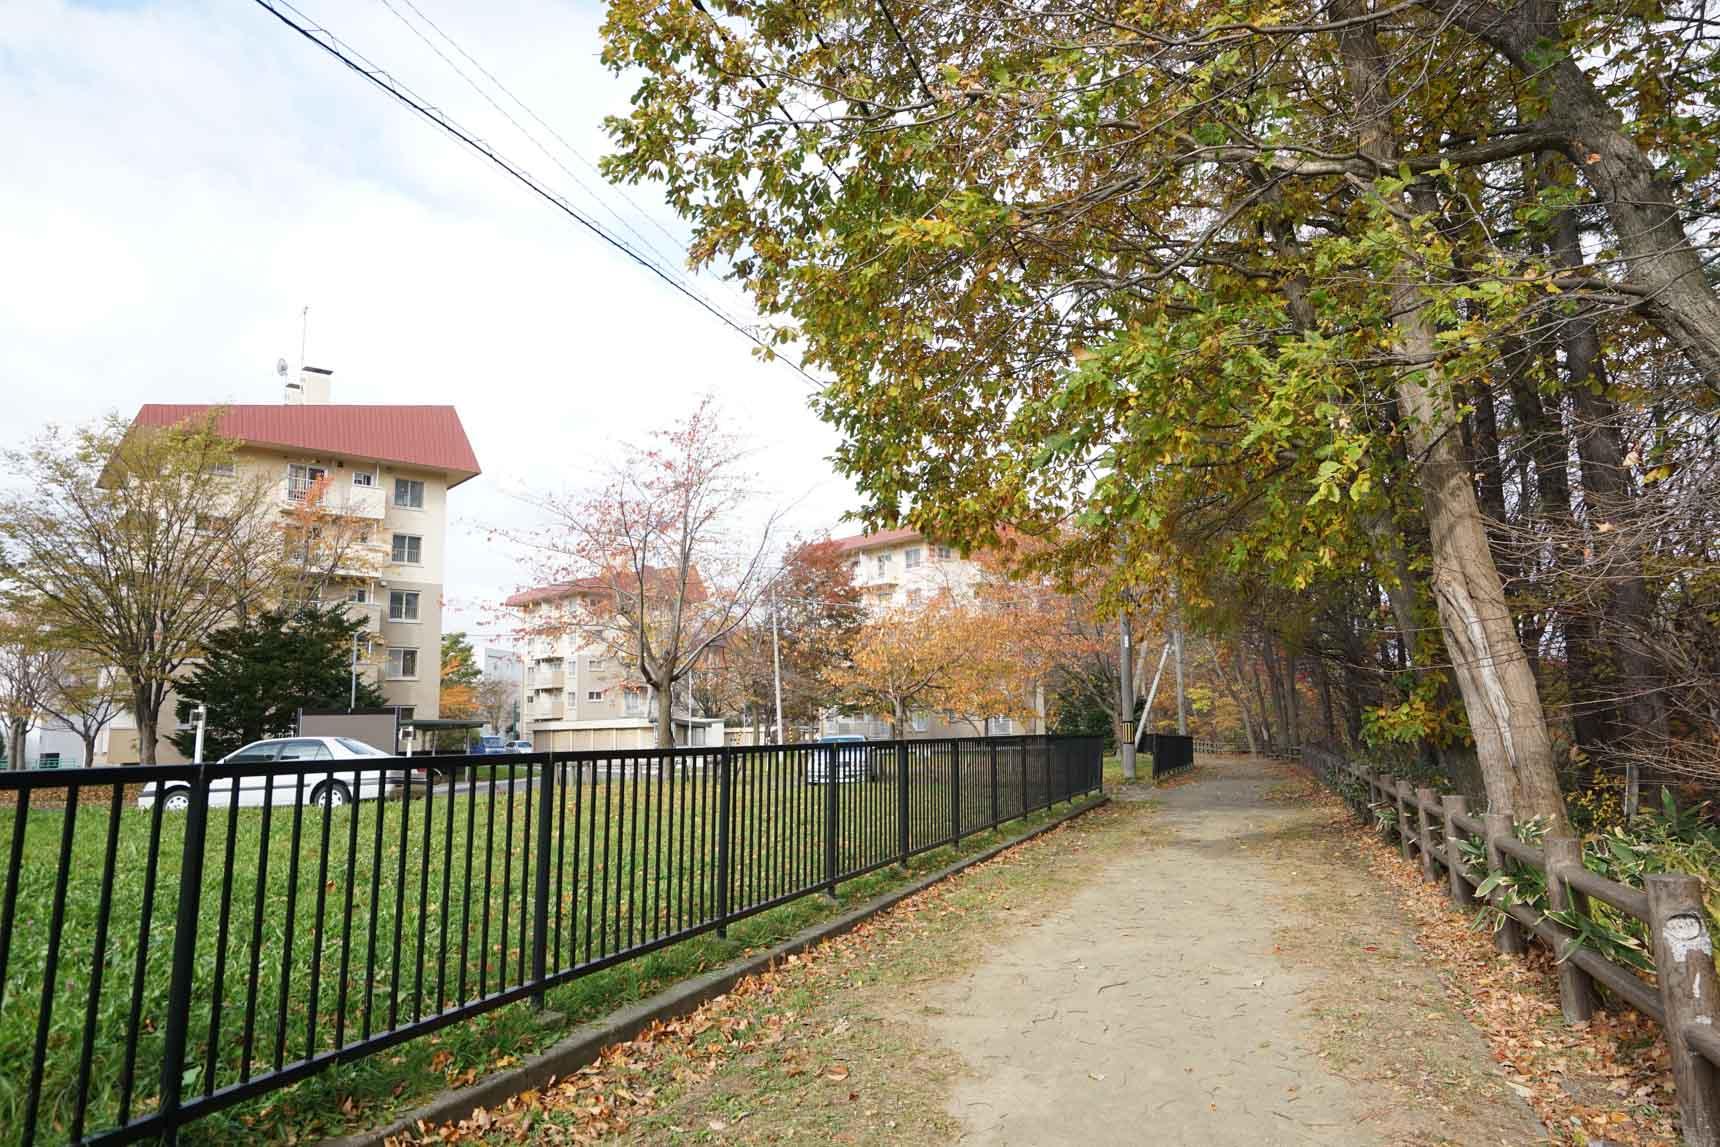 公園の遊歩道。お隣に見えるのは、UR賃貸住宅「大麻中町団地」。自然に囲まれた住環境ですね。落ち着きがあります。